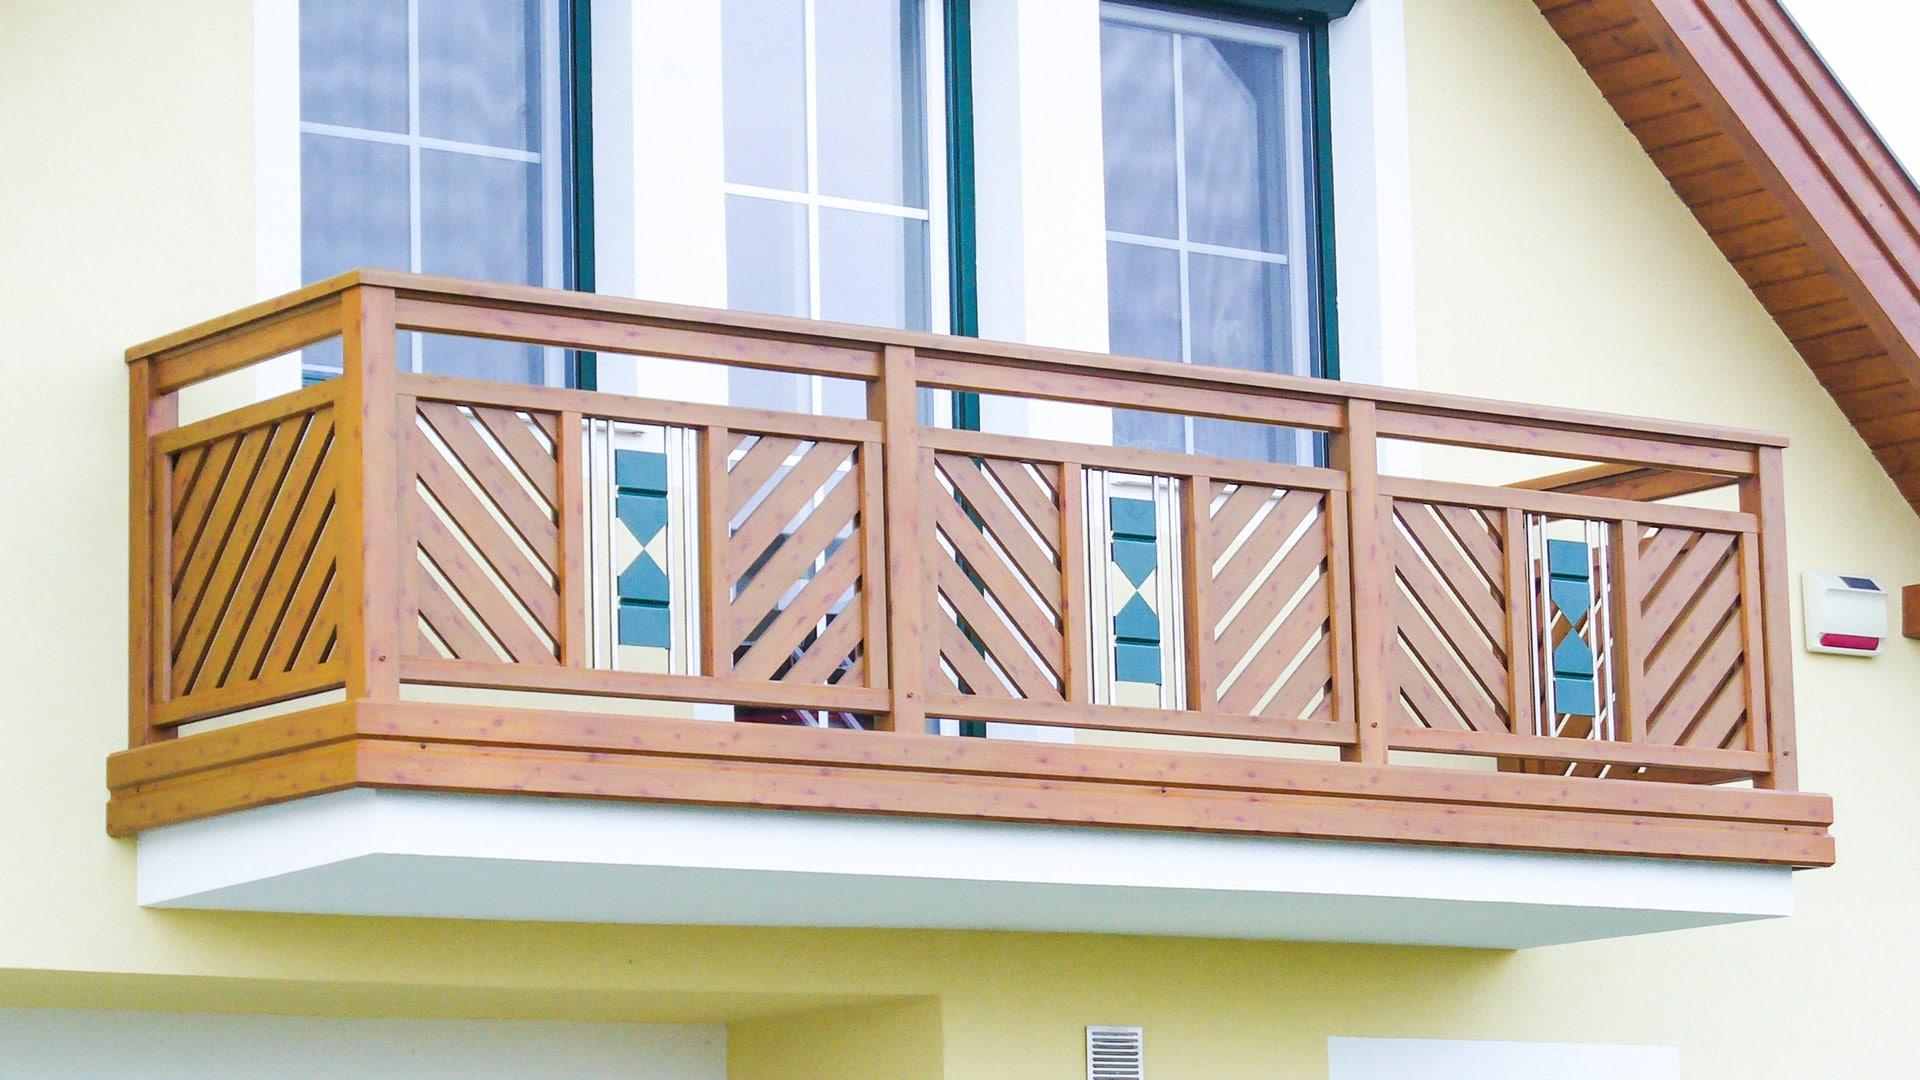 Sankt Pölten 02 H b | Alu-Balkon Latten diagonal, Holz-Beschichtung, Alu-Niro-Sanduhrdekor | Svoboda